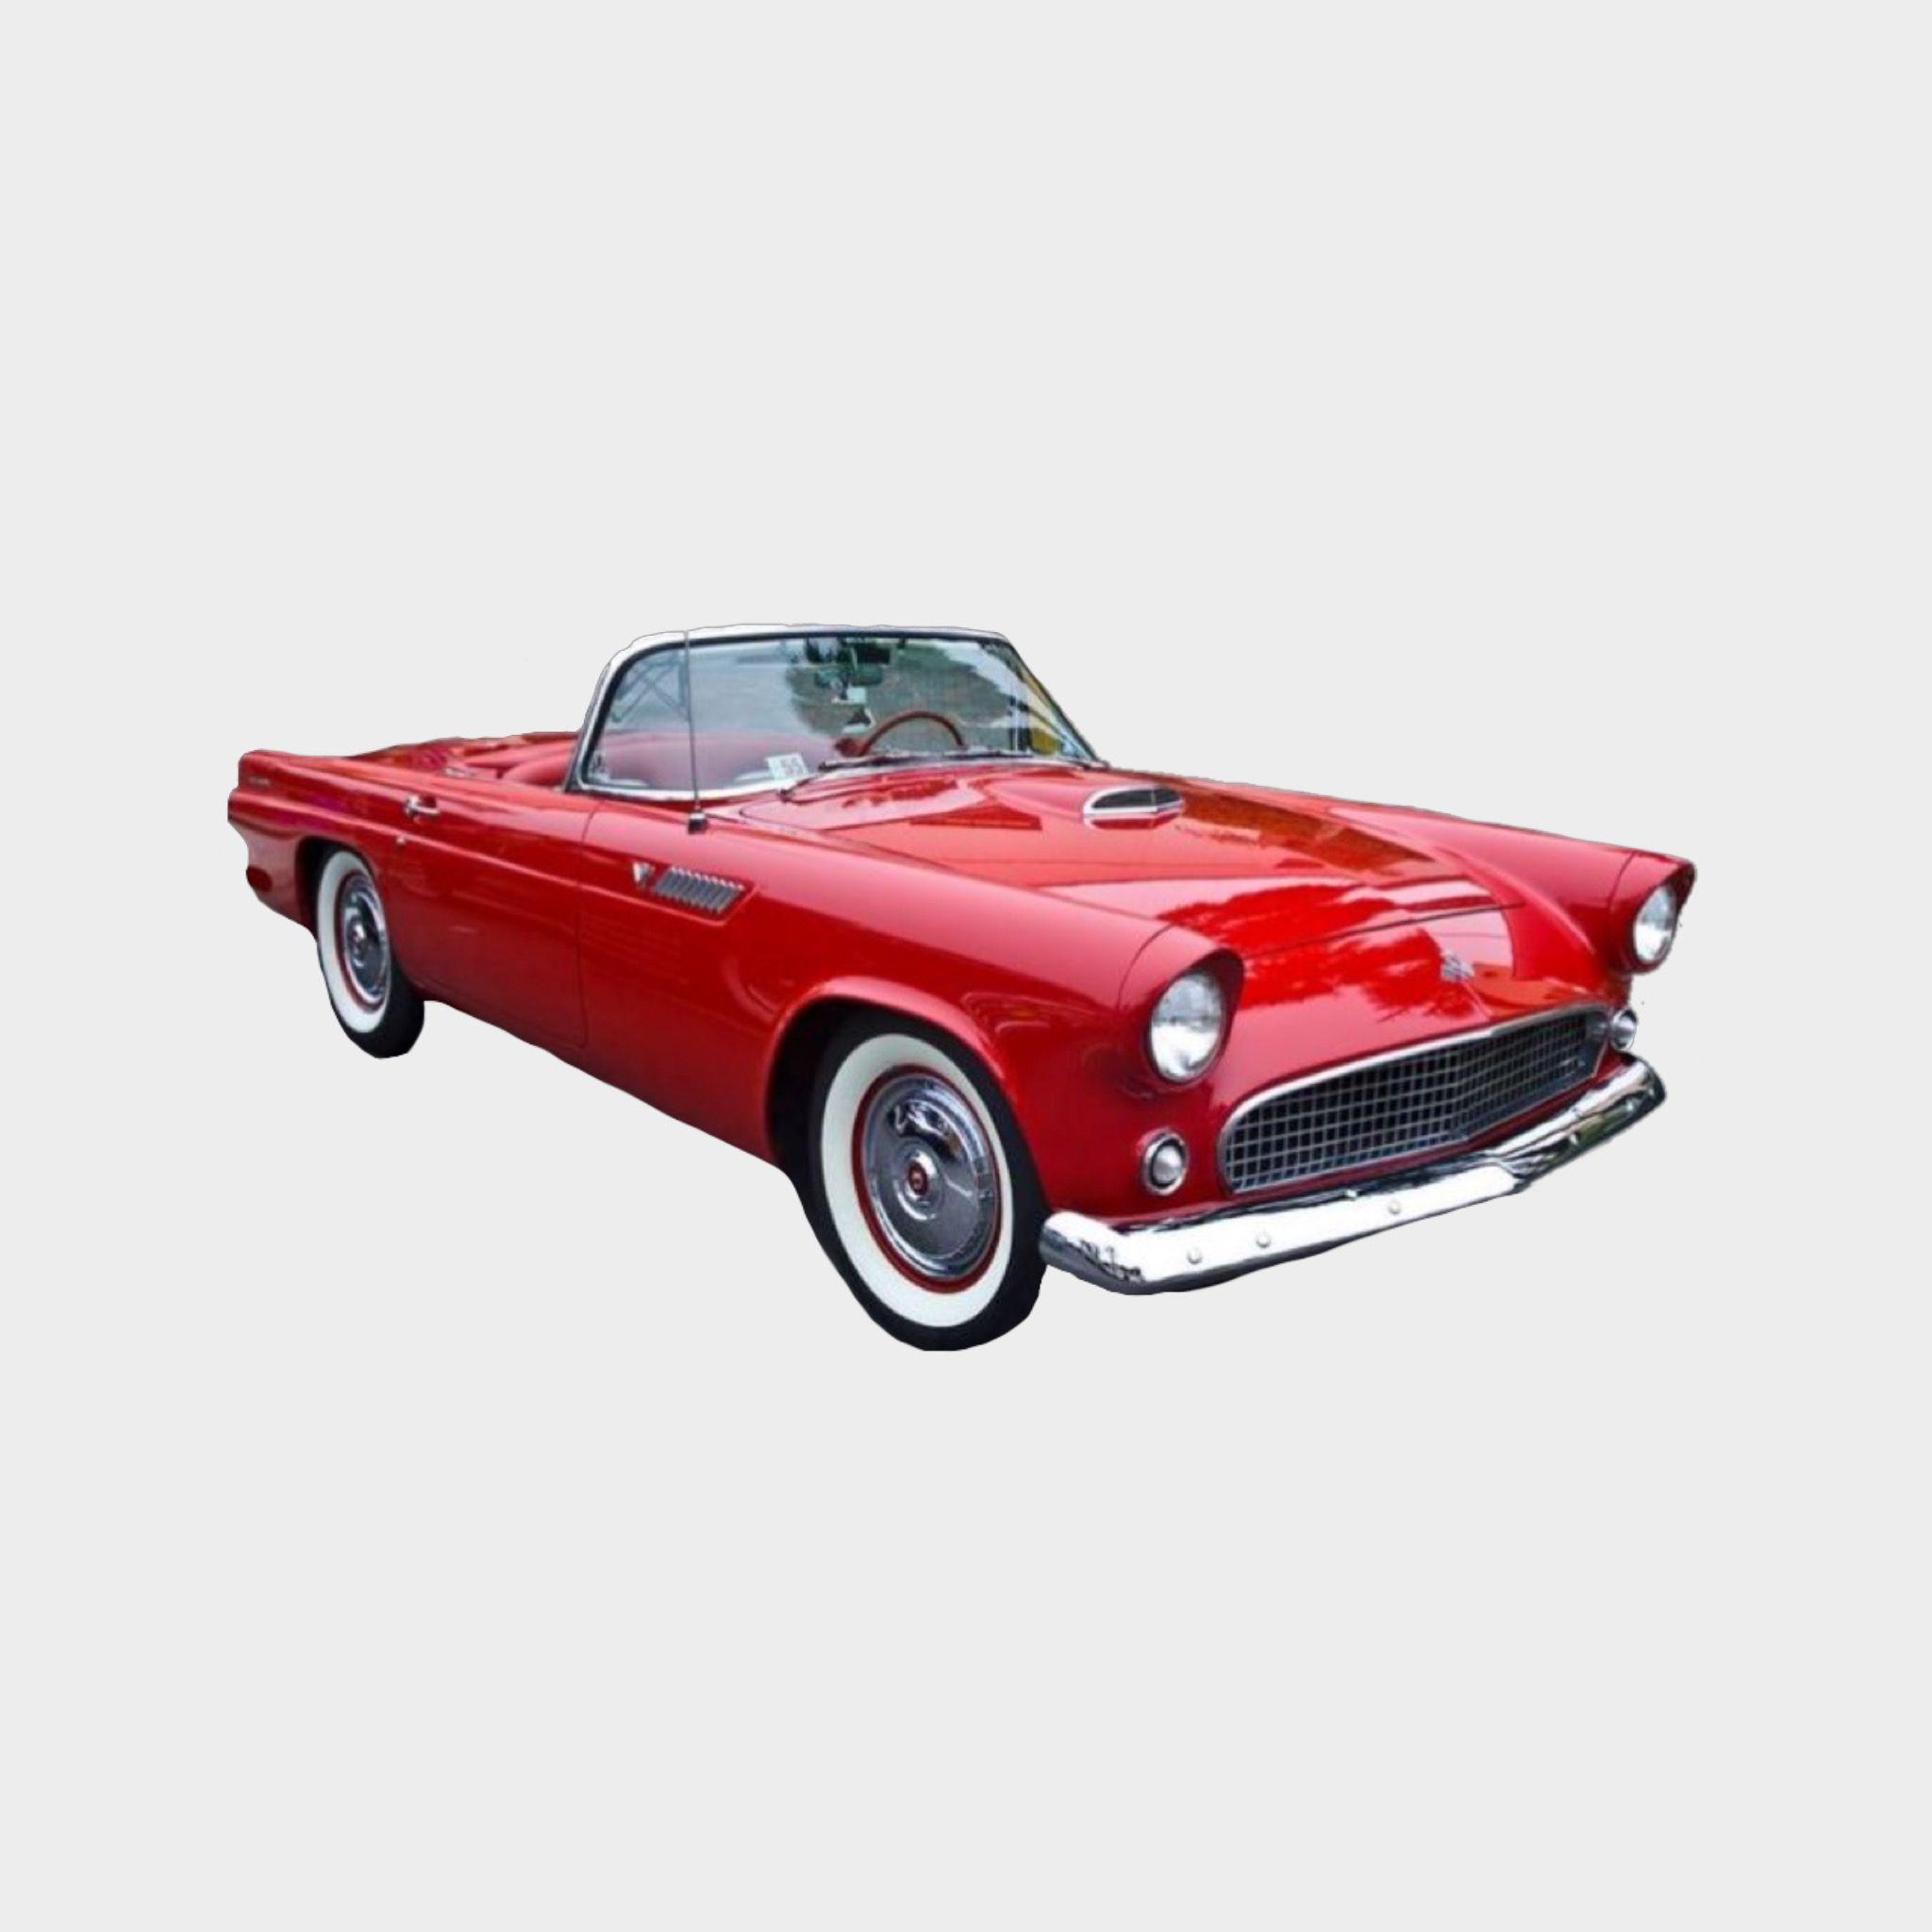 Vintage Red Car Png For Mood Boards Polyvore Fillers Png